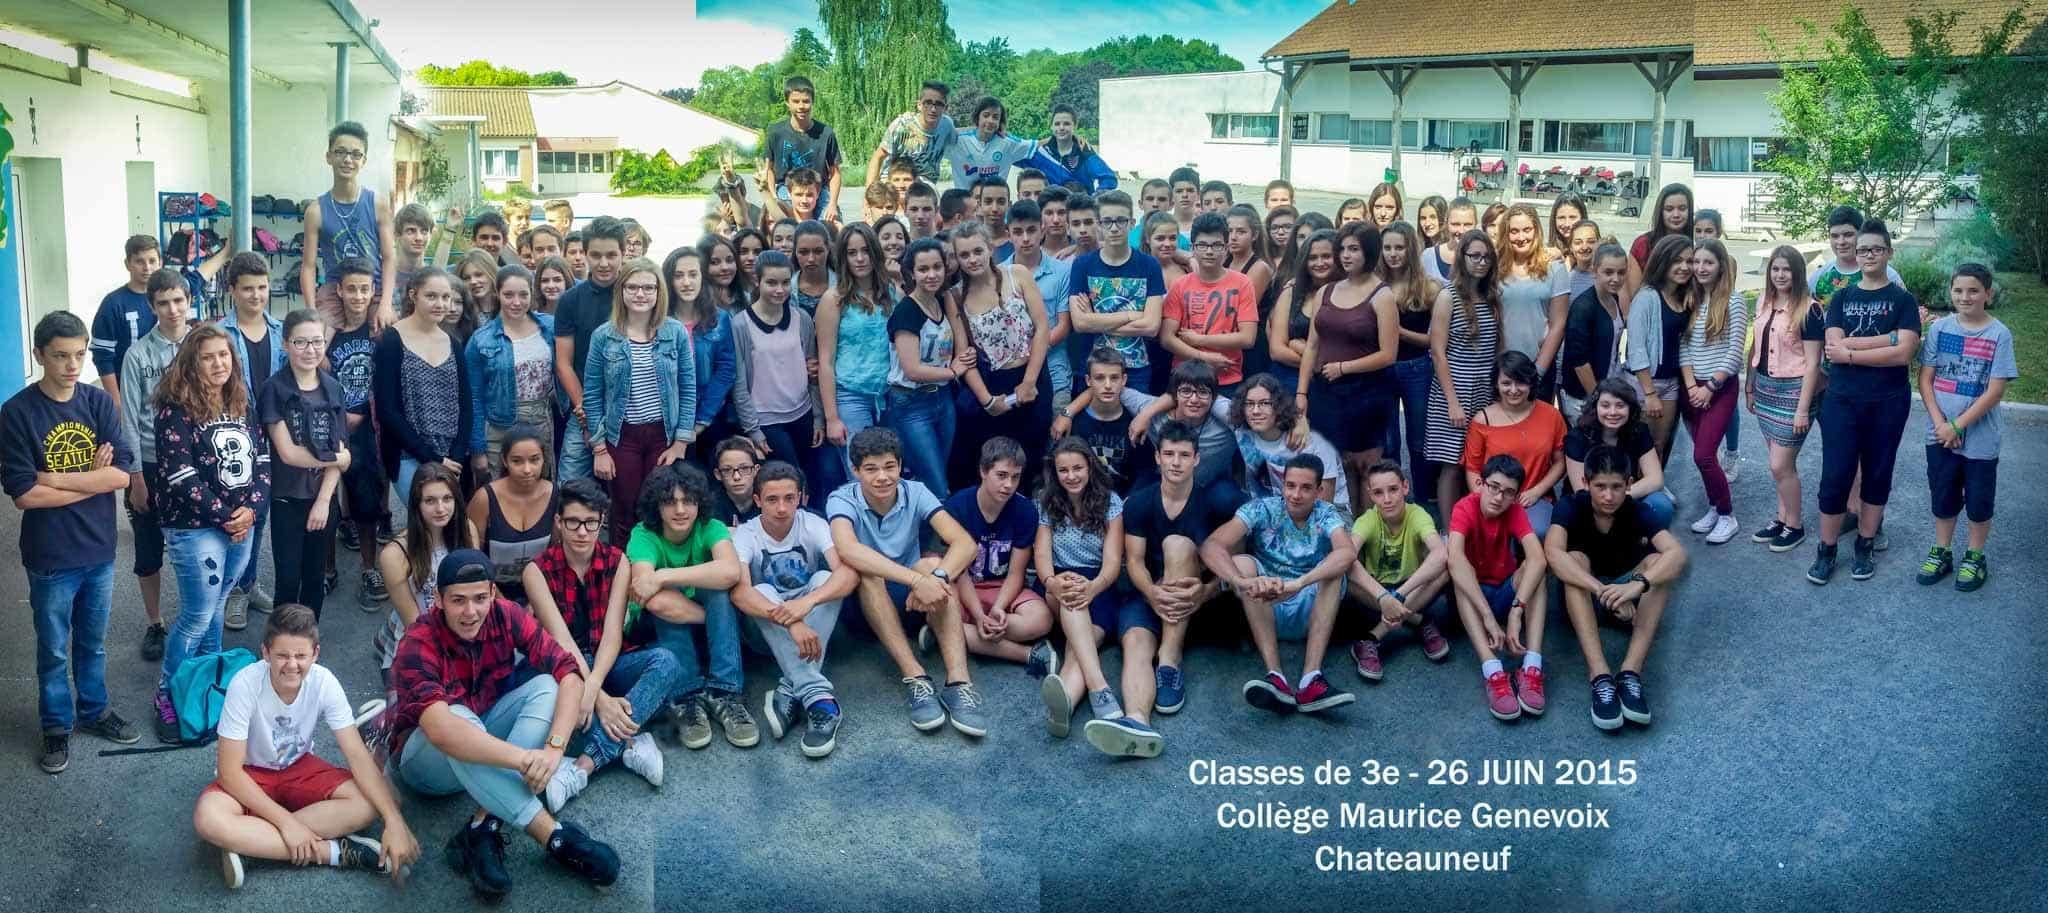 Eleves de 3e 2014 2015